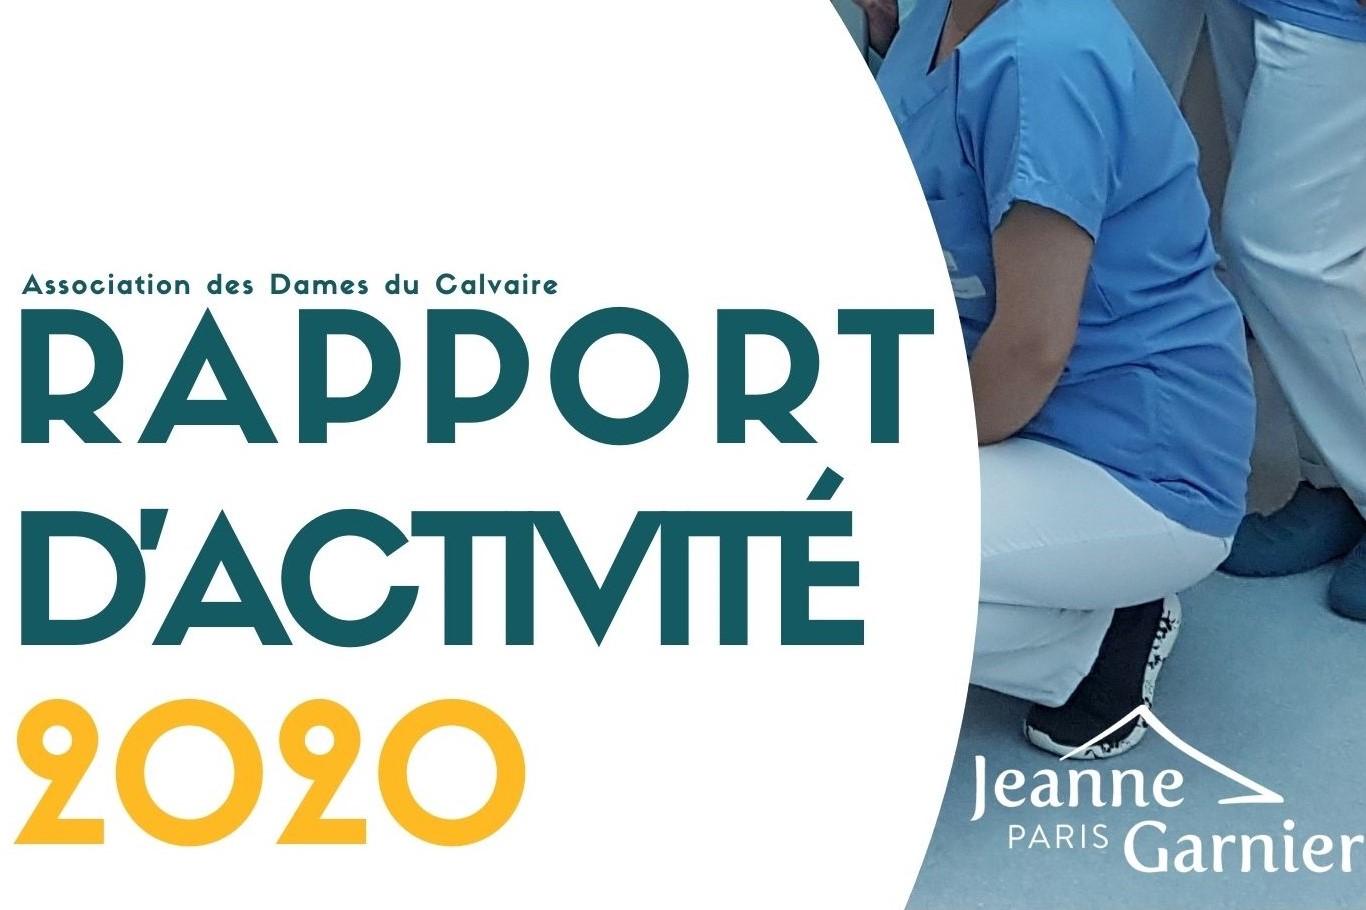 Découvrez le rapport d'activité 2020 de l'Association des Dames du Calvaire